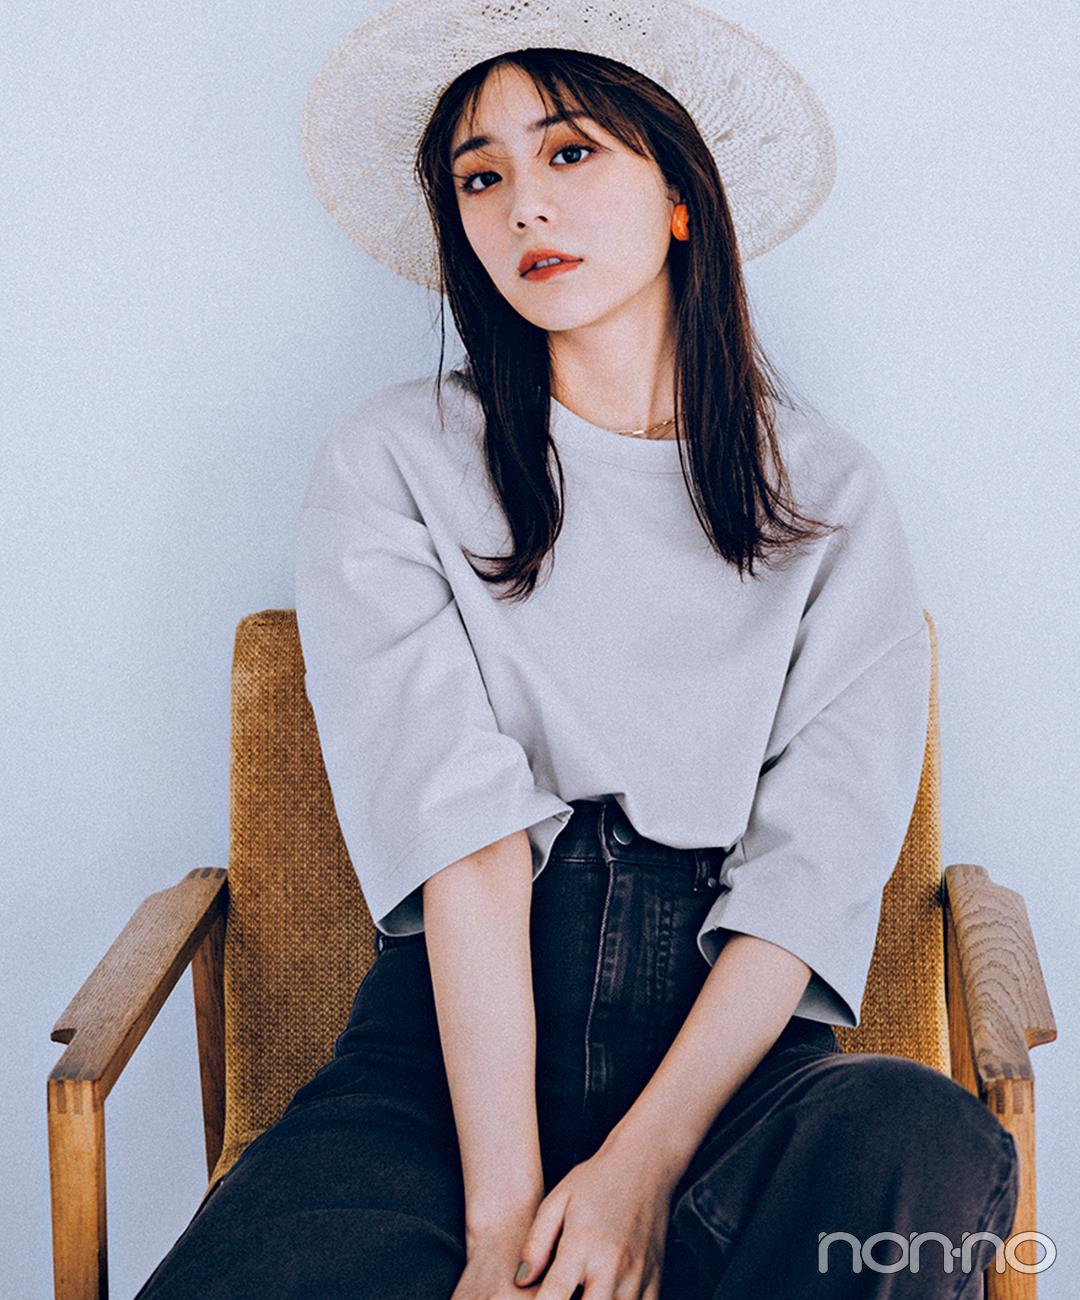 Photo Gallery 天気予報の女神&大人気モデル! 貴島明日香フォトギャラリー_1_10